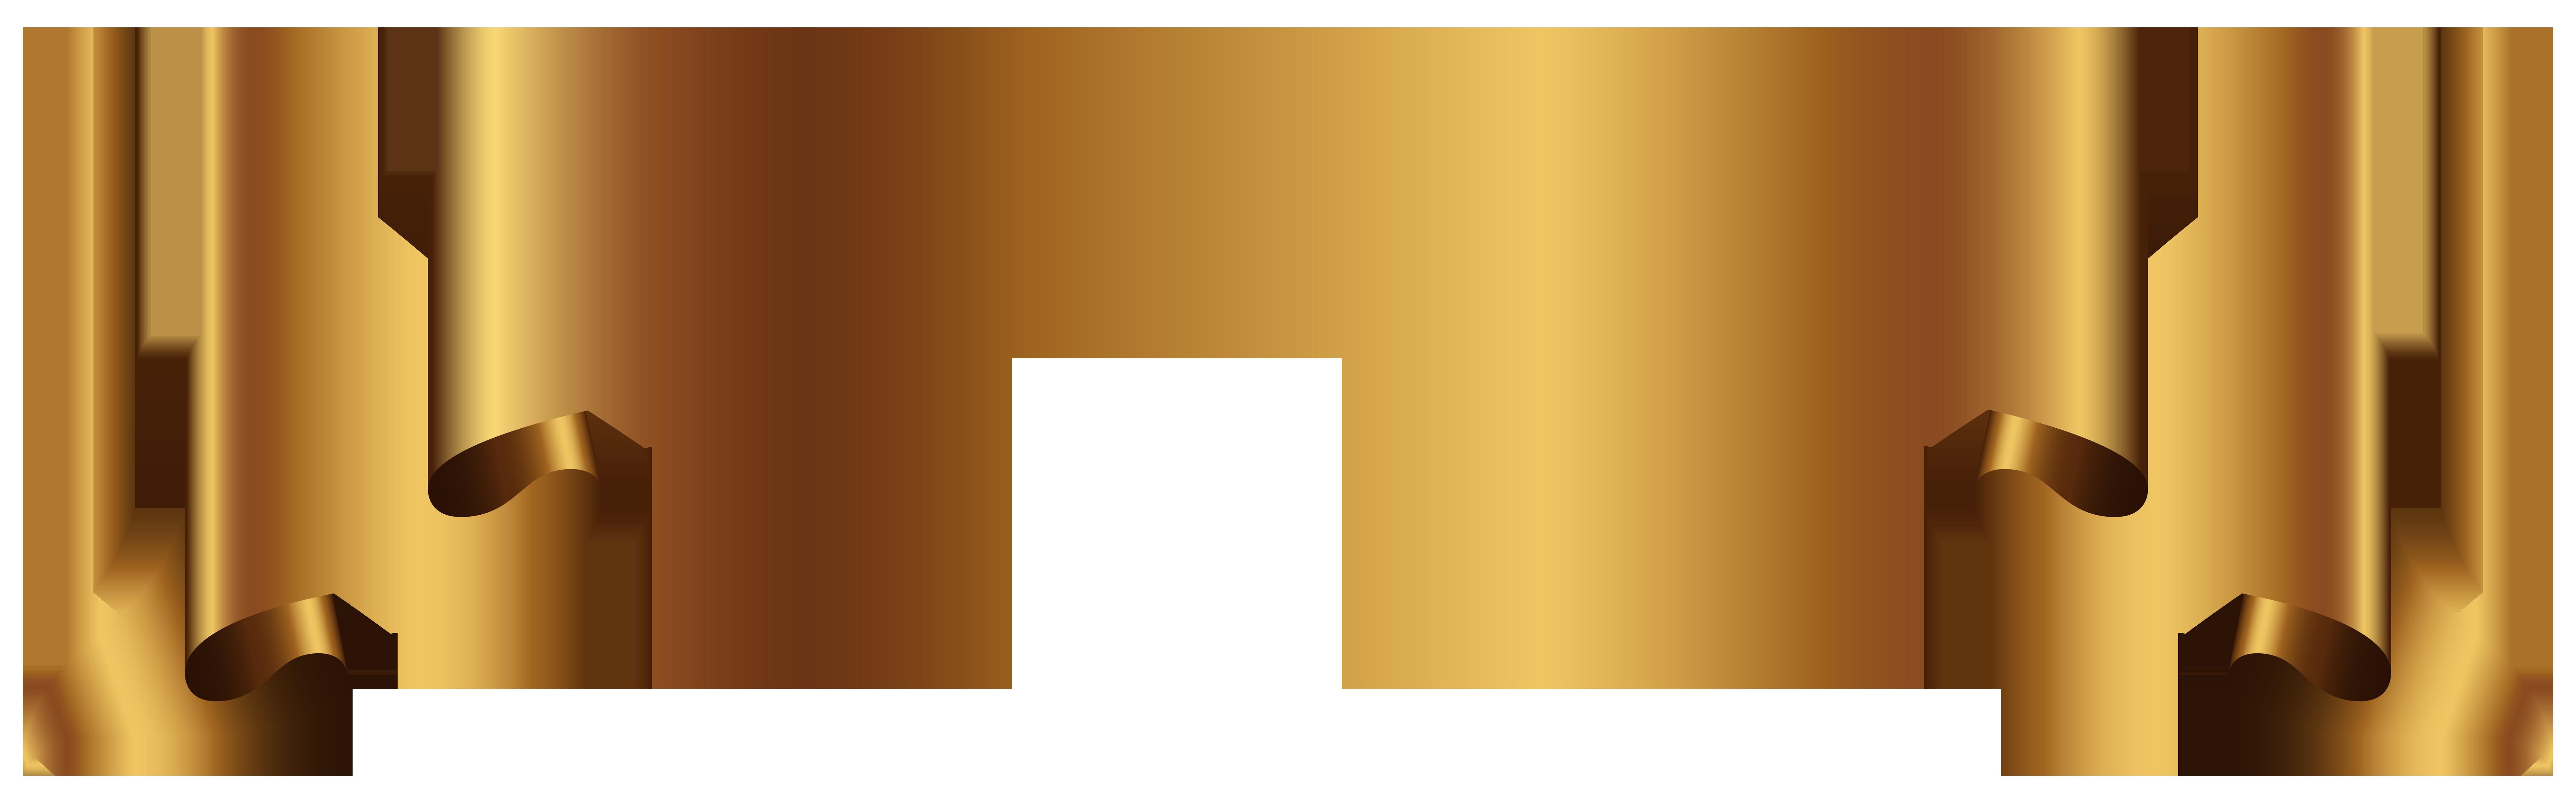 Banner Gold Clip art.